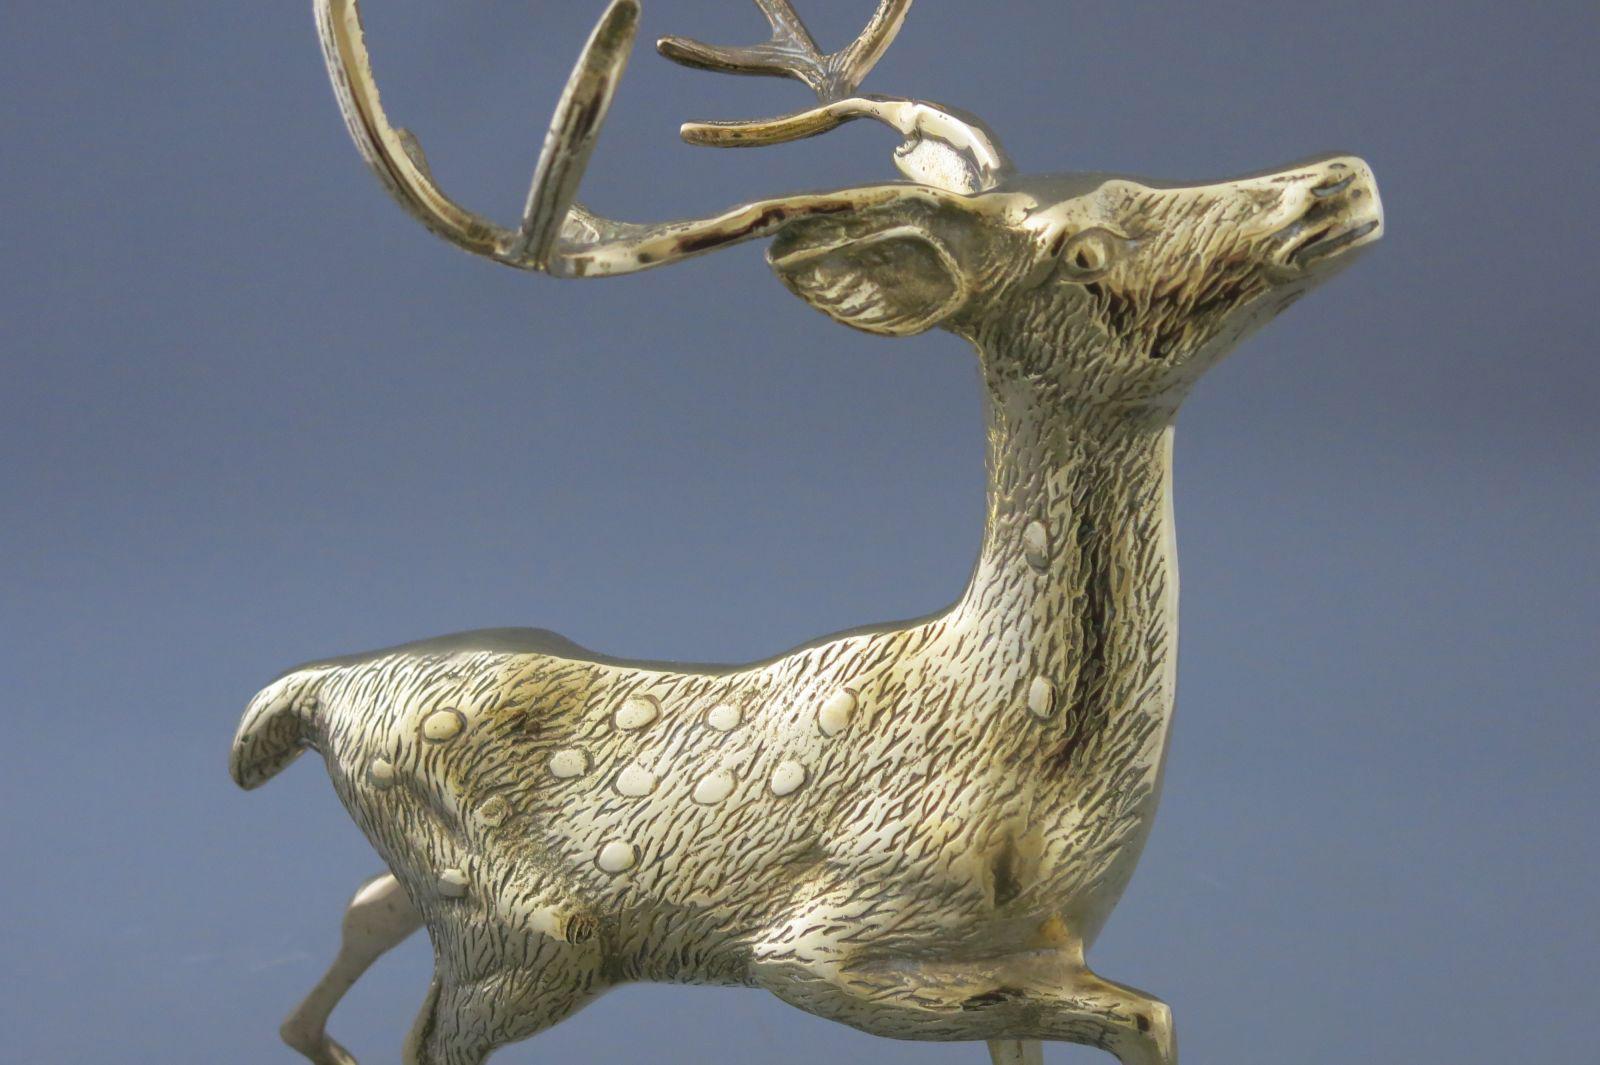 aukstos kokybes prabrangios verslo dovanos partneriams bronzinis varinis zalvarinis auksinis  briedis stirna bembis elnias deer brass  auksinis 111